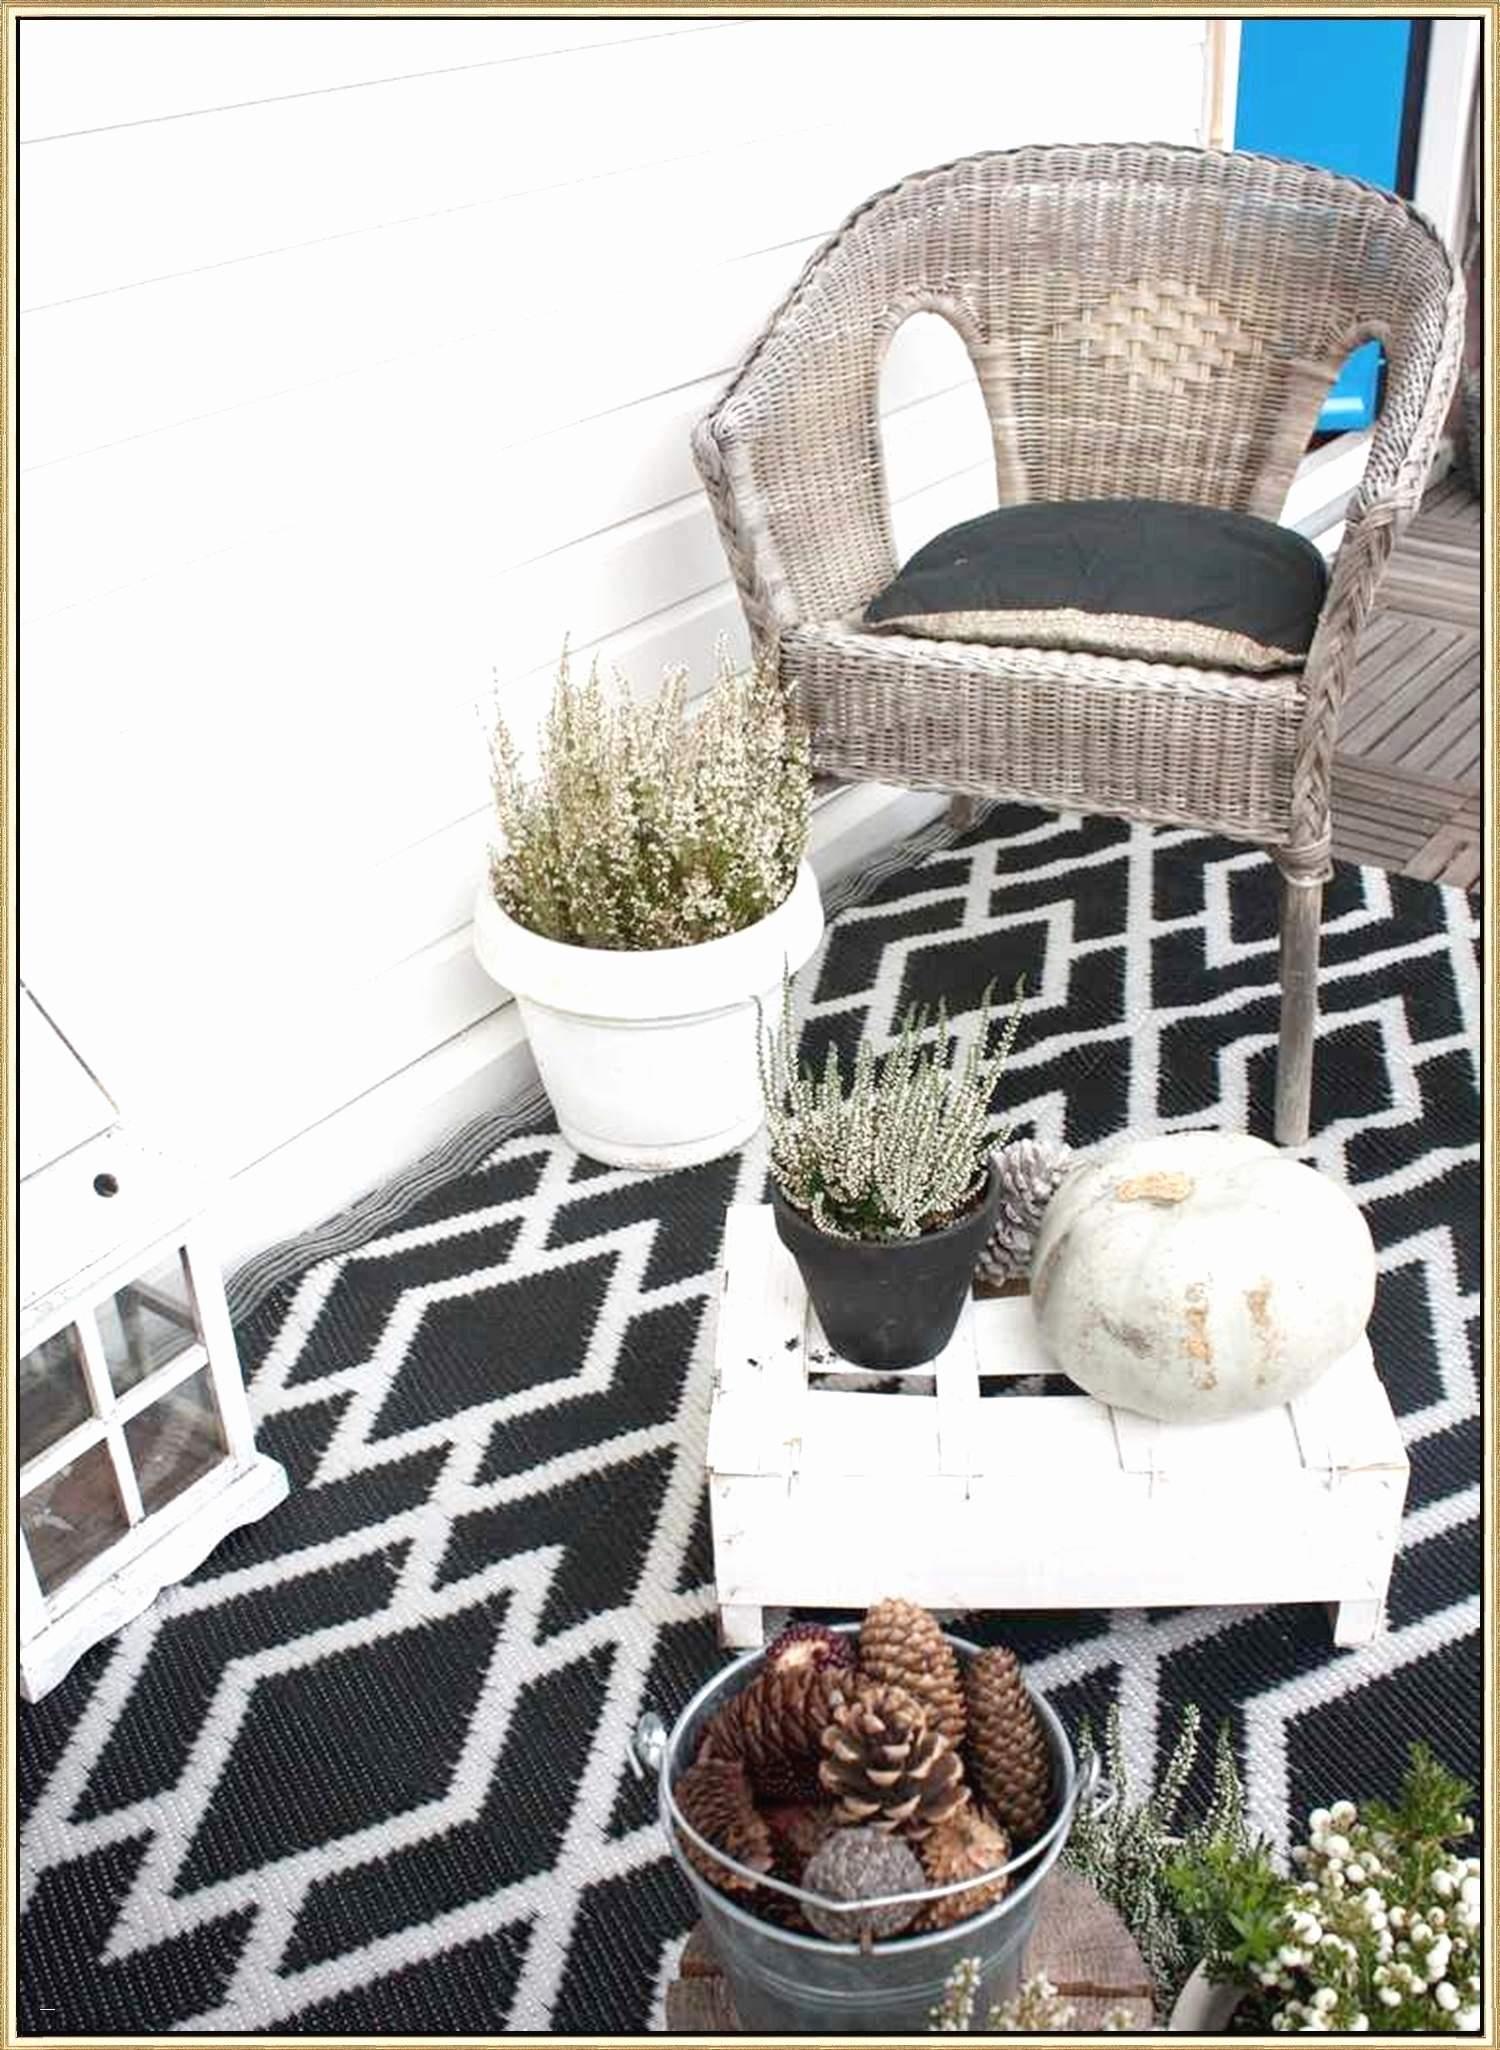 ideen fur garten einzigartig balkon teppich ideen of ideen fur garten